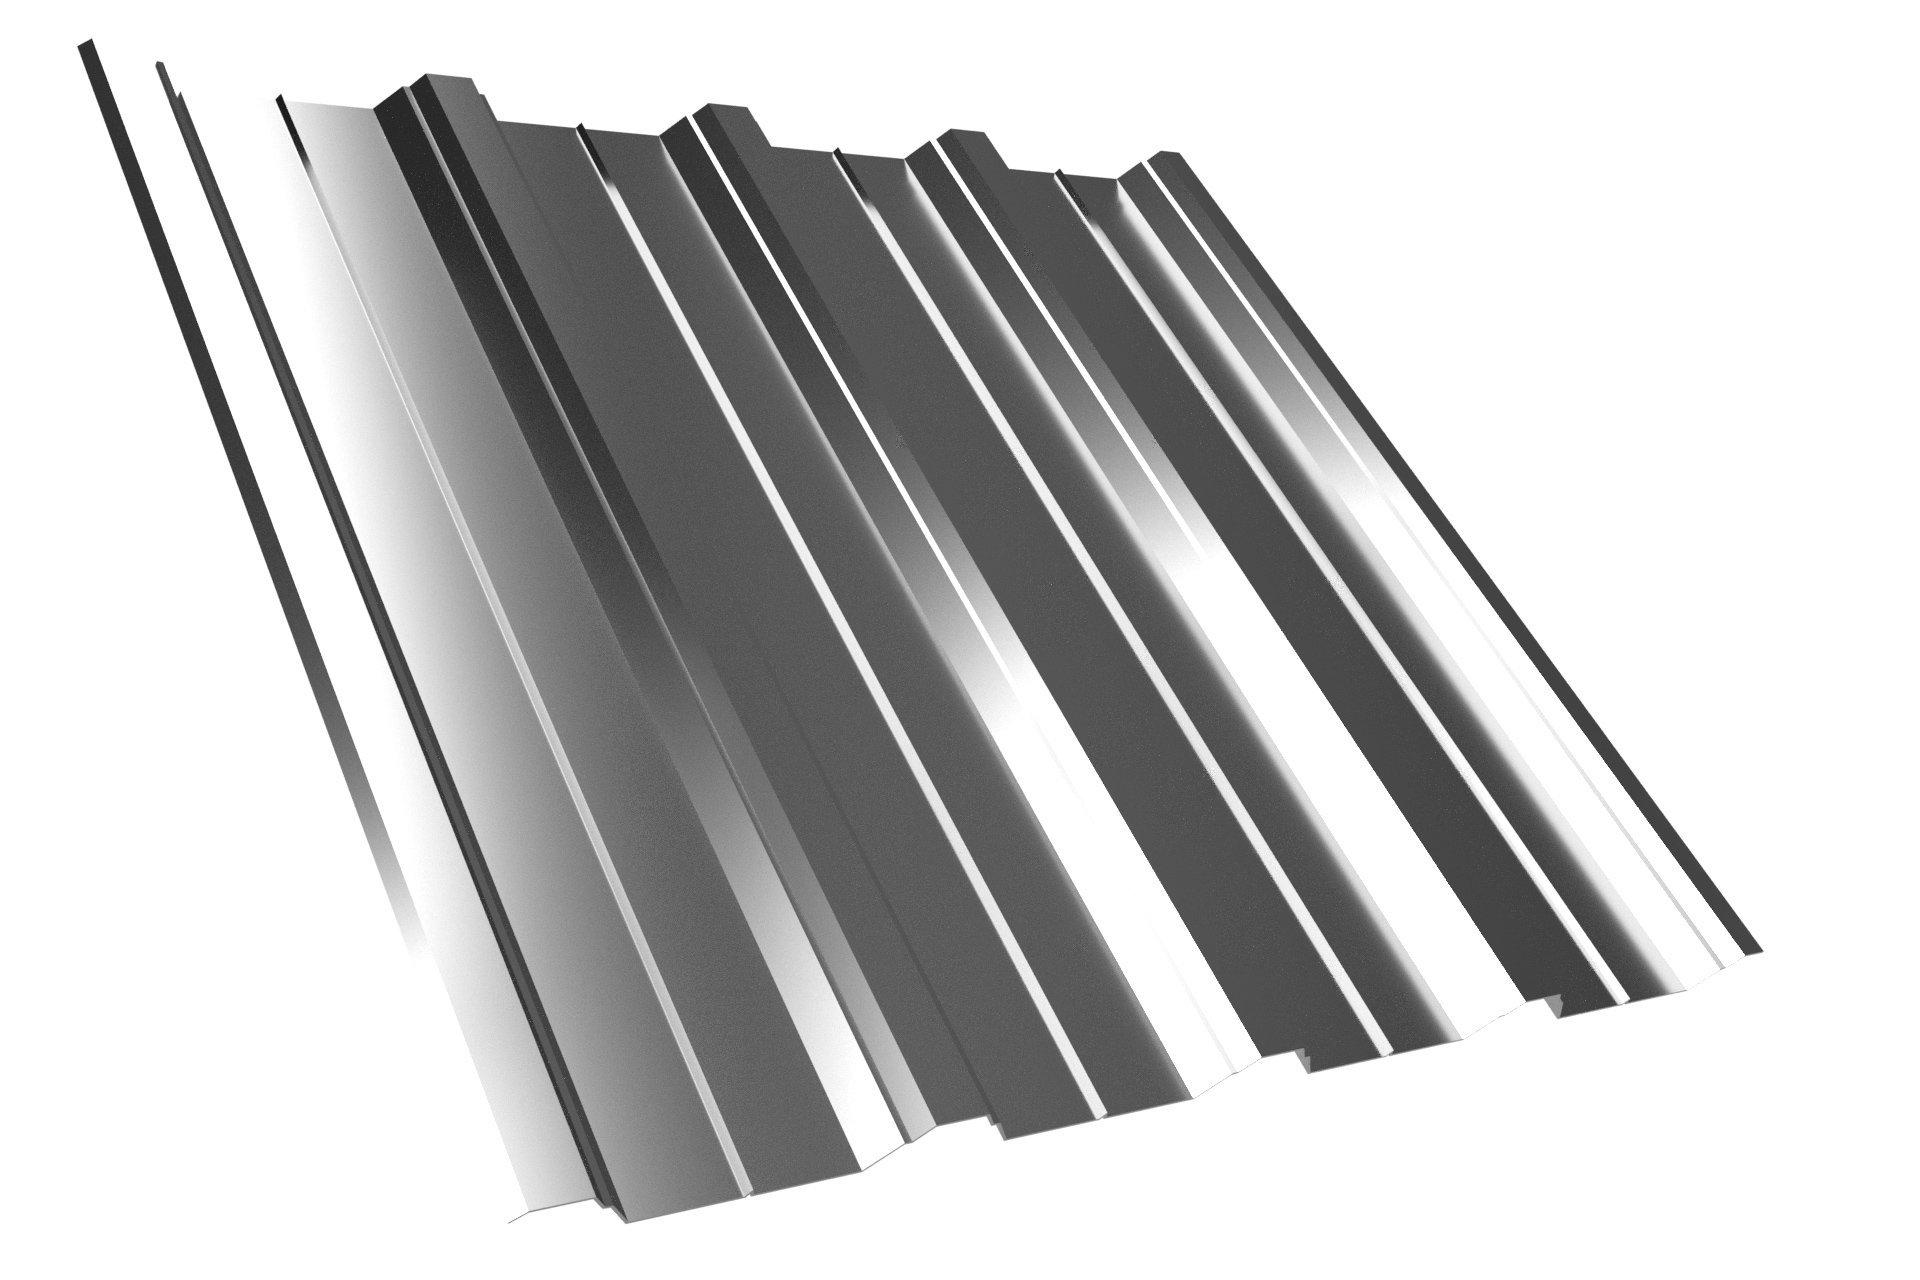 Dachplatte T40 Aluzink